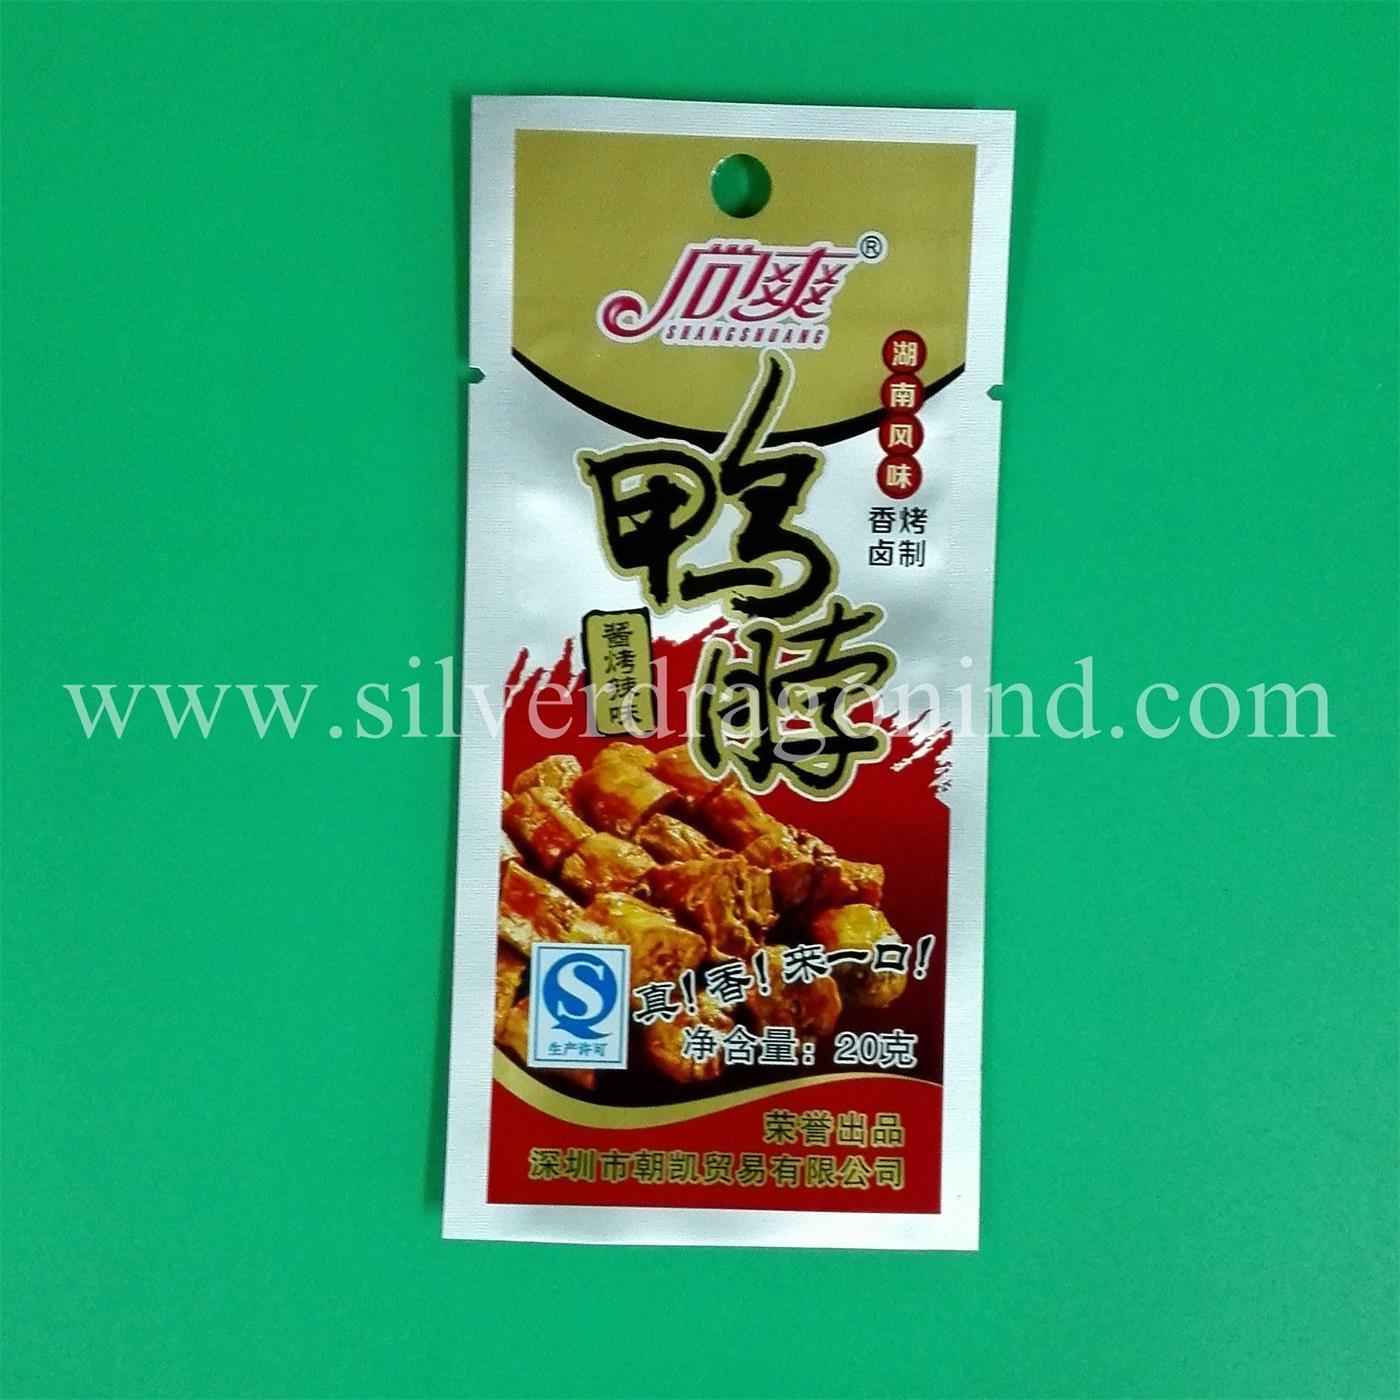 Cheapest Price Vacuum Bag for Food Packaging/Tea Bag